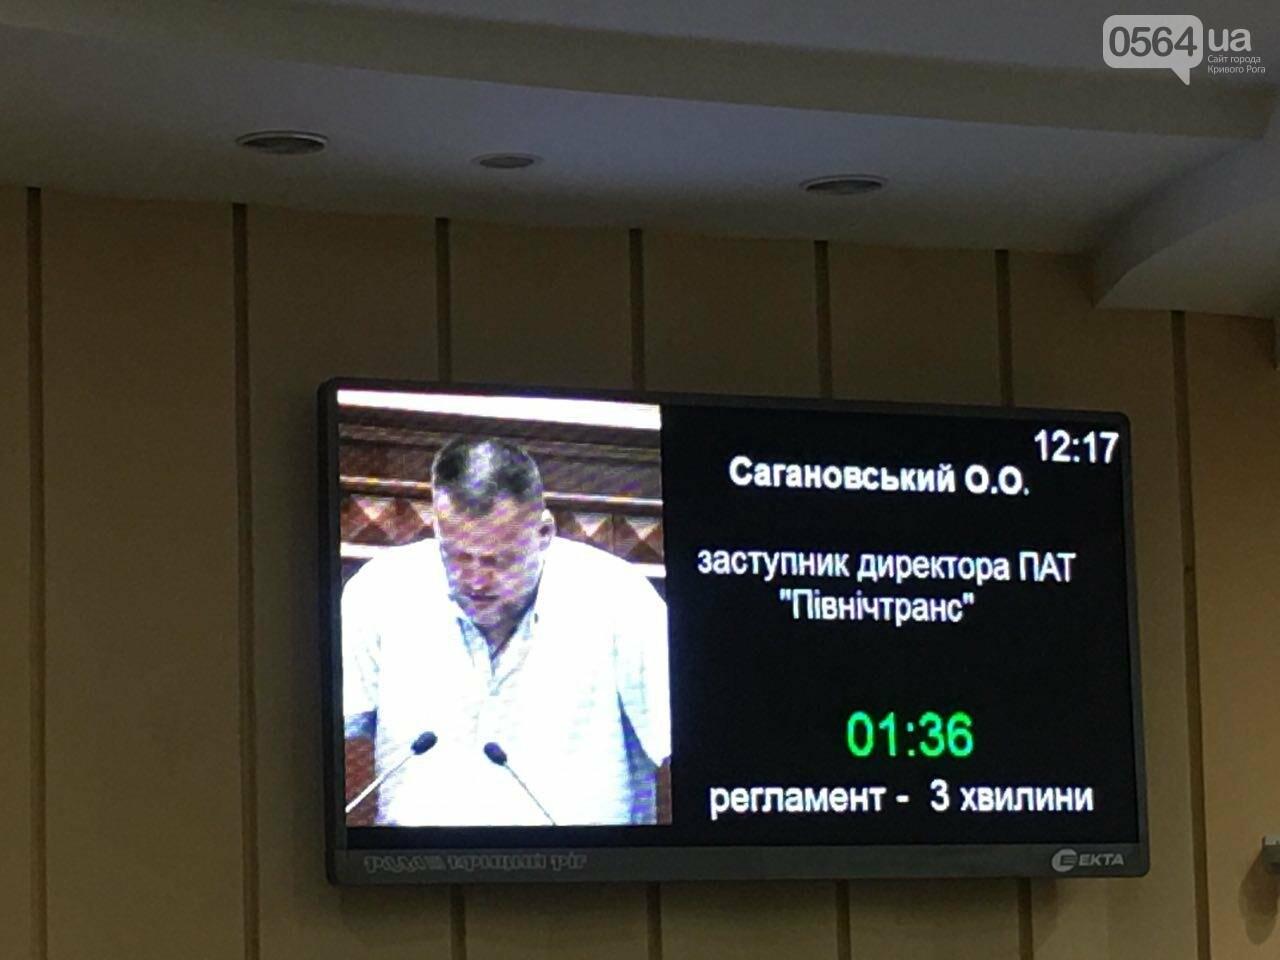 Тариф в маршрутках Кривого Рога  не снизится - депутаты рассмотрели петицию, - ФОТО, фото-8